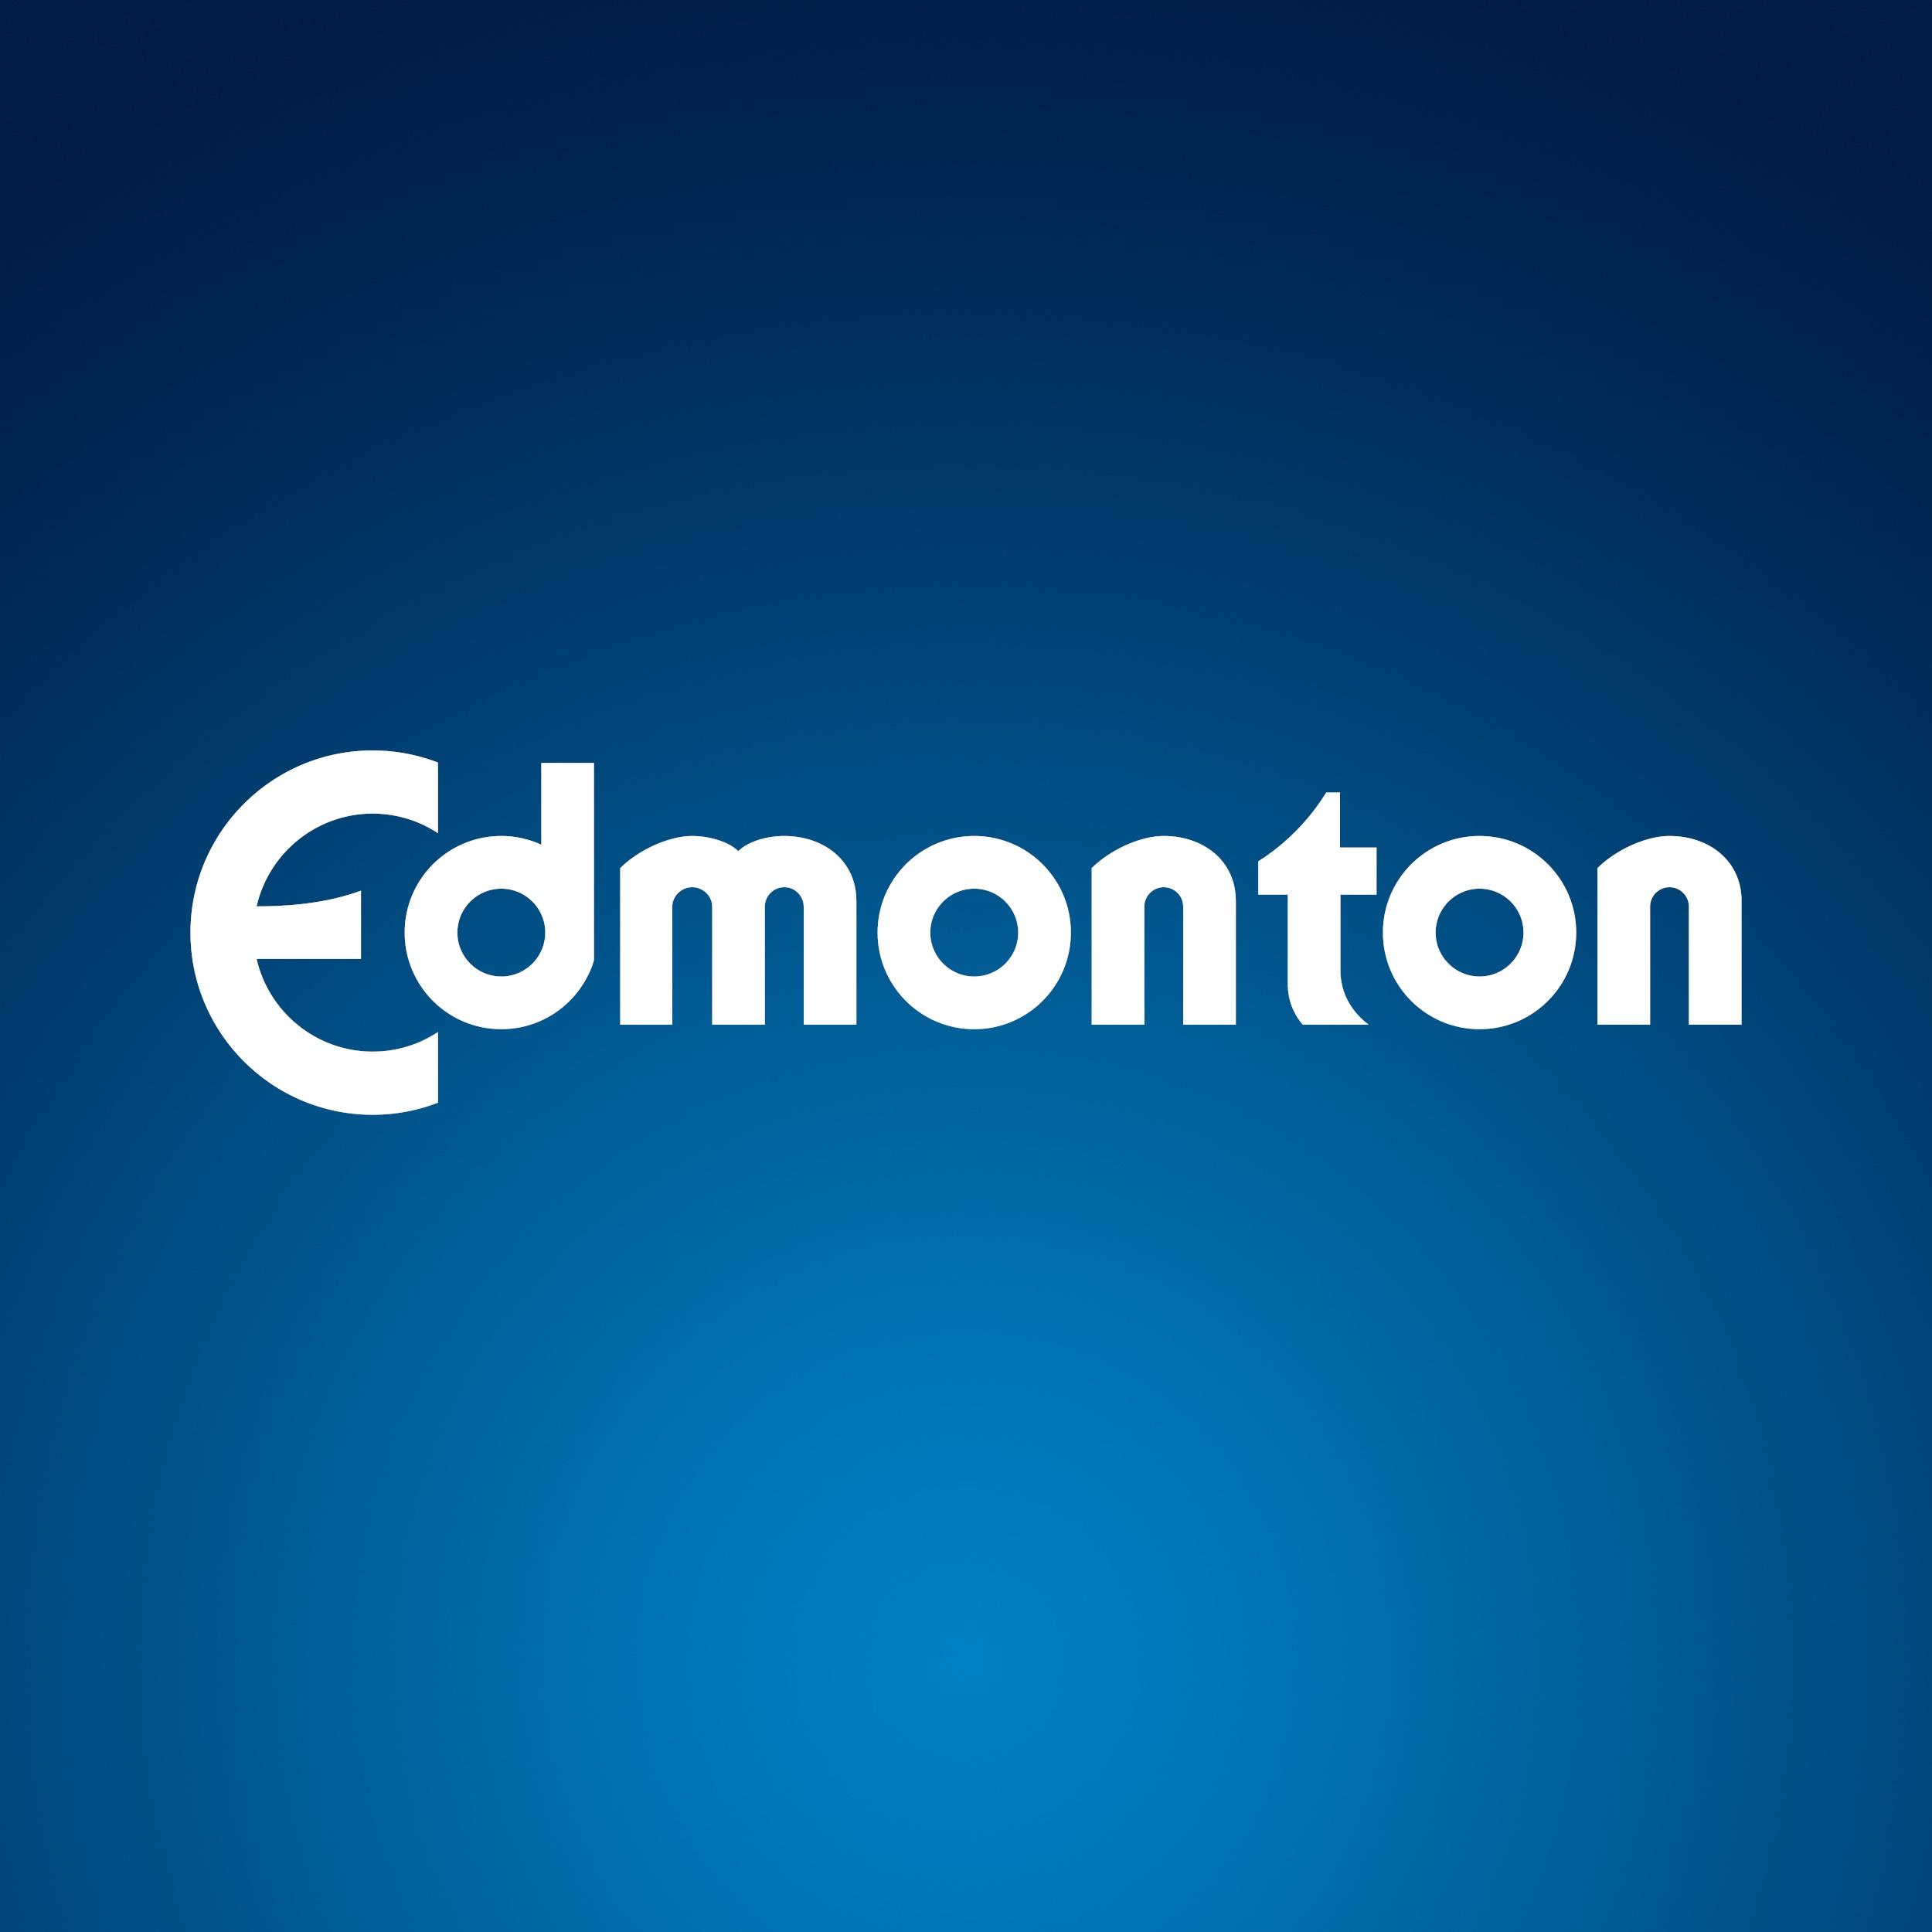 Edmonton_Logo.jpg